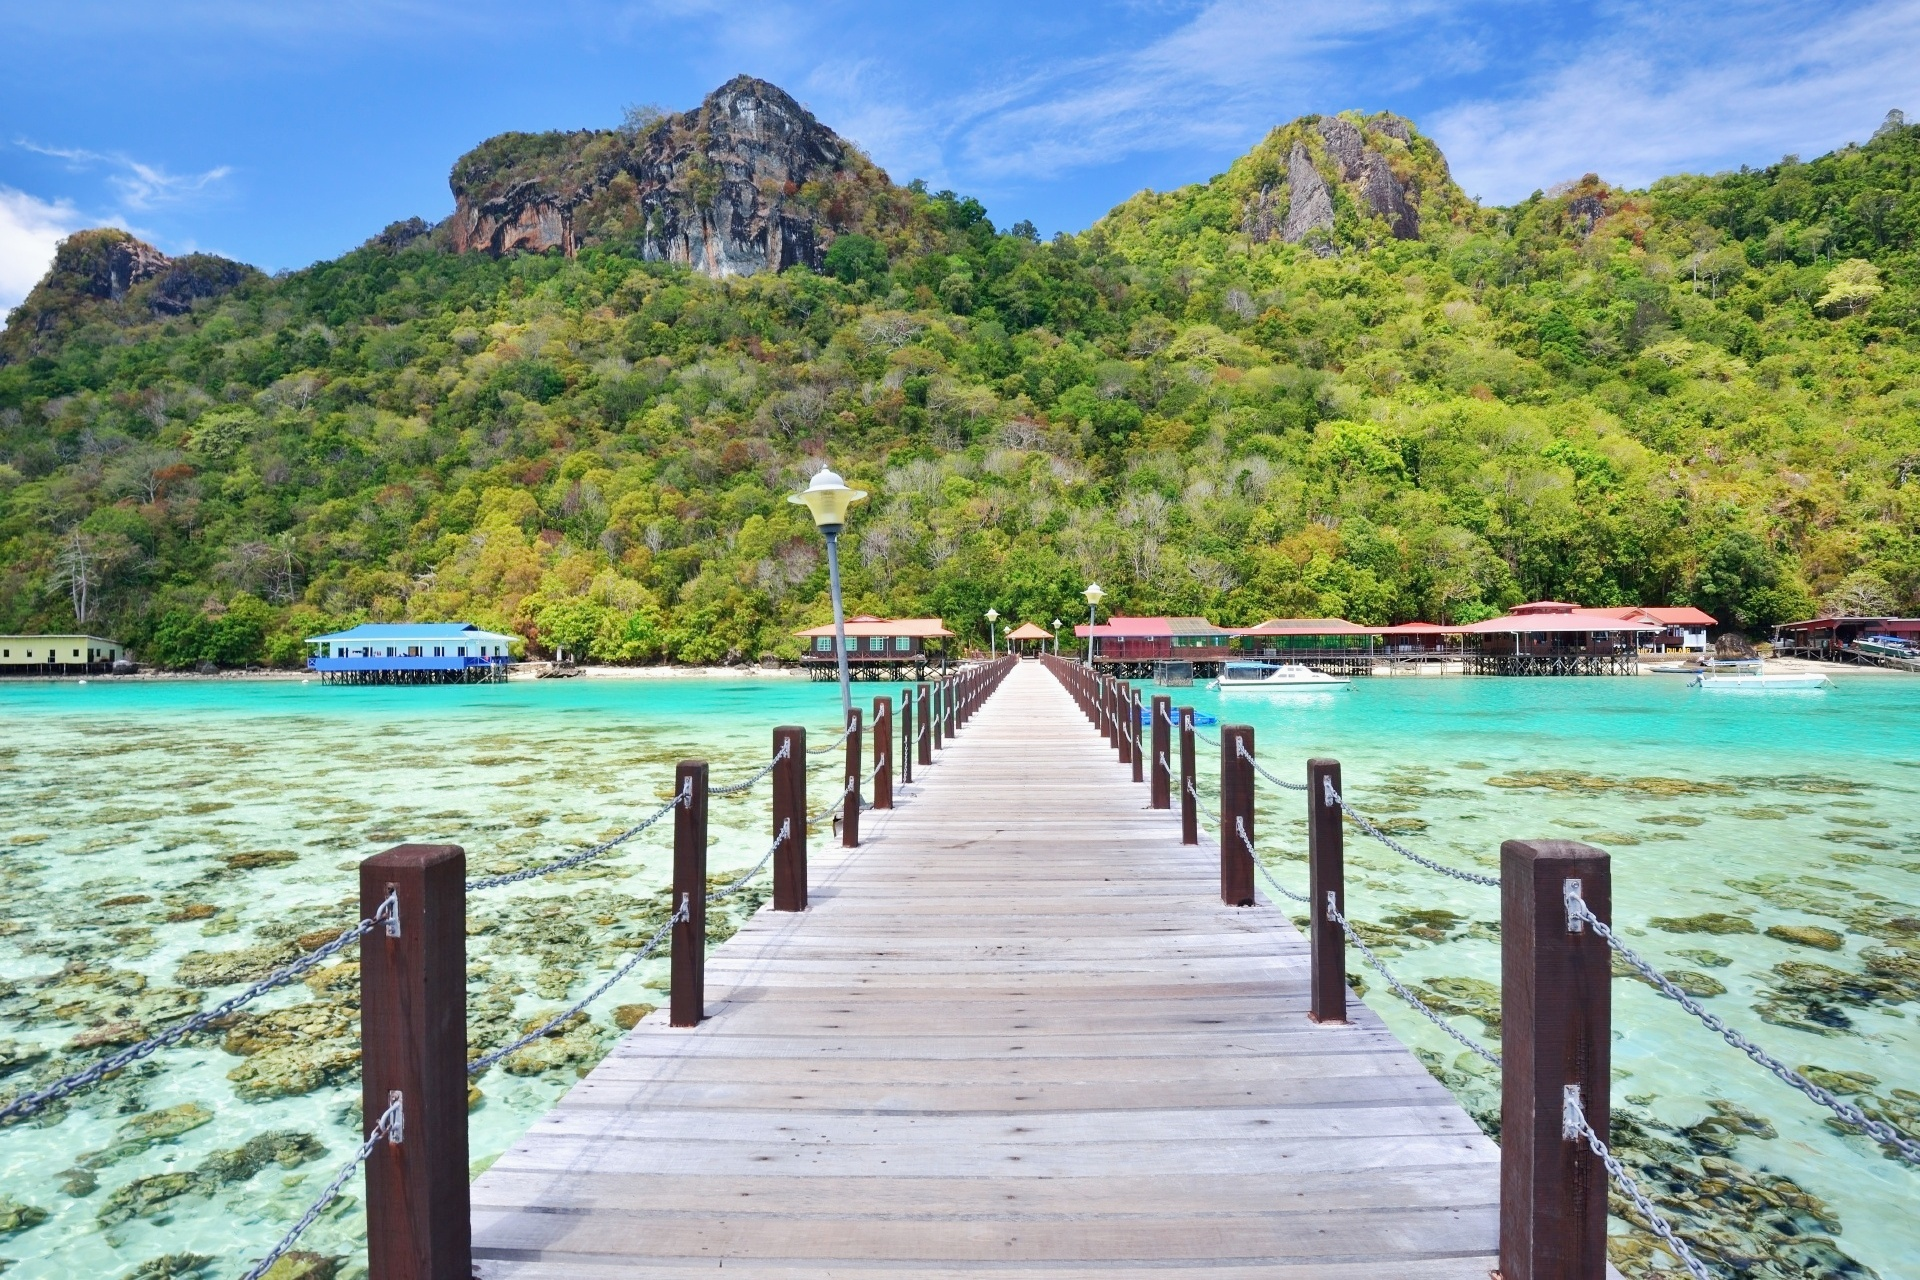 マレーシア サバ州 ボヘイ・ドゥラン島に向かう長い木製の桟橋